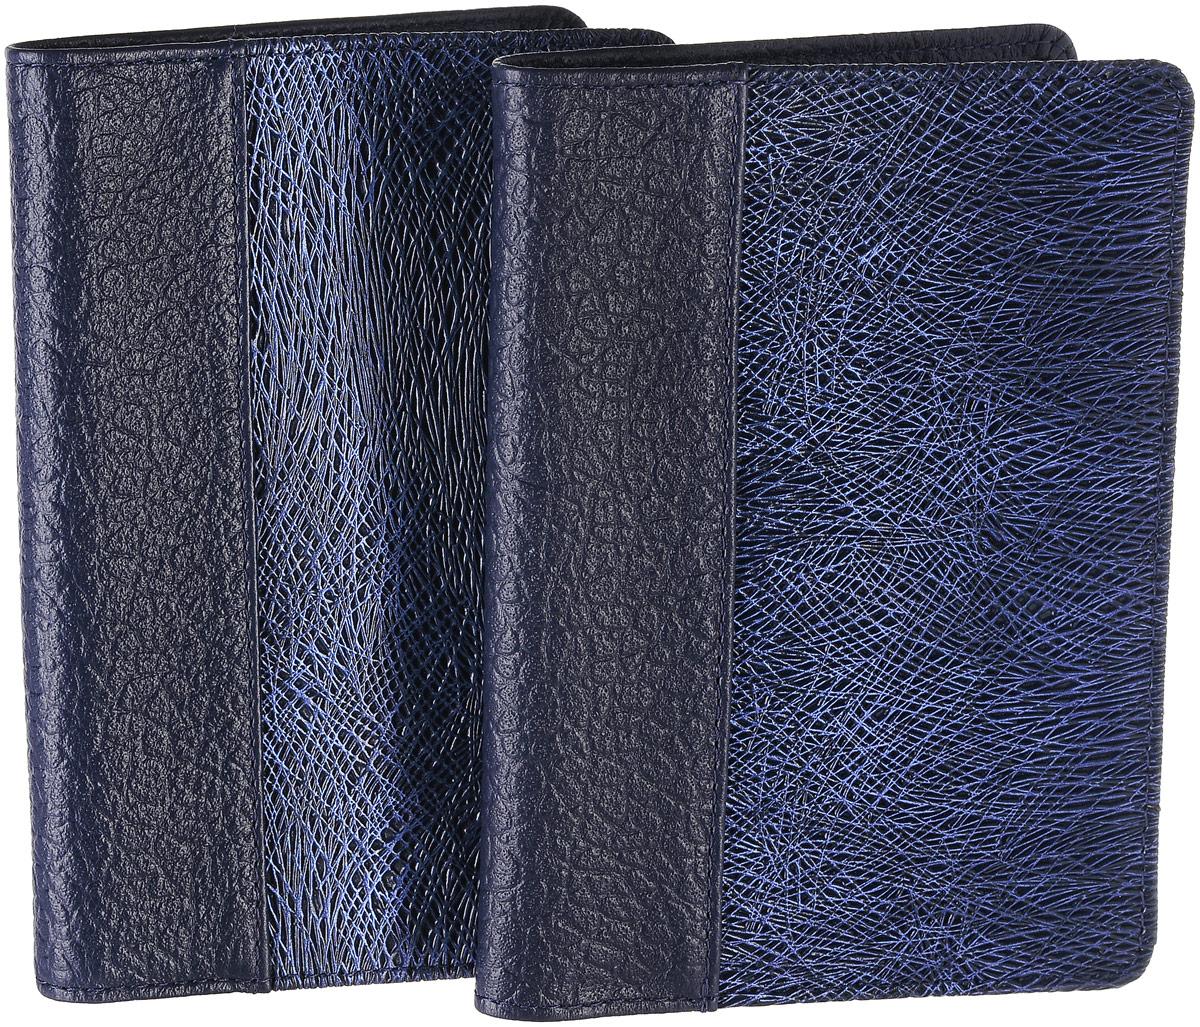 Набор подарочный женский Esse: бумажник водителя Pageauto, обложка для паспорта Page, цвет: темно-синий, синий. GN1522-000000-FE308O-K100GN1522-000000-FE308O-K100Женский подарочный набор Esse, состоящий из бумажника водителя Pageauto и обложки для паспорта Page, изготовлен из натуральной кожи и оформлен оригинальной фактурой. Бумажник водителя Pageauto раскладывается пополам. Изделие содержит съемный блок из шести прозрачных файлов из мягкого пластика, один из которых формата А5, два боковых кармана и три прорезных кармана для пластиковых карт. Обложка для паспорта Page раскладывается пополам. Внутри расположены боковые карманы для фиксации паспорта и три прорезных кармана для пластиковых карт. Набор упакован в фирменную коробку. Такой набор станет замечательным подарком человеку, ценящему качественные и практичные вещи.